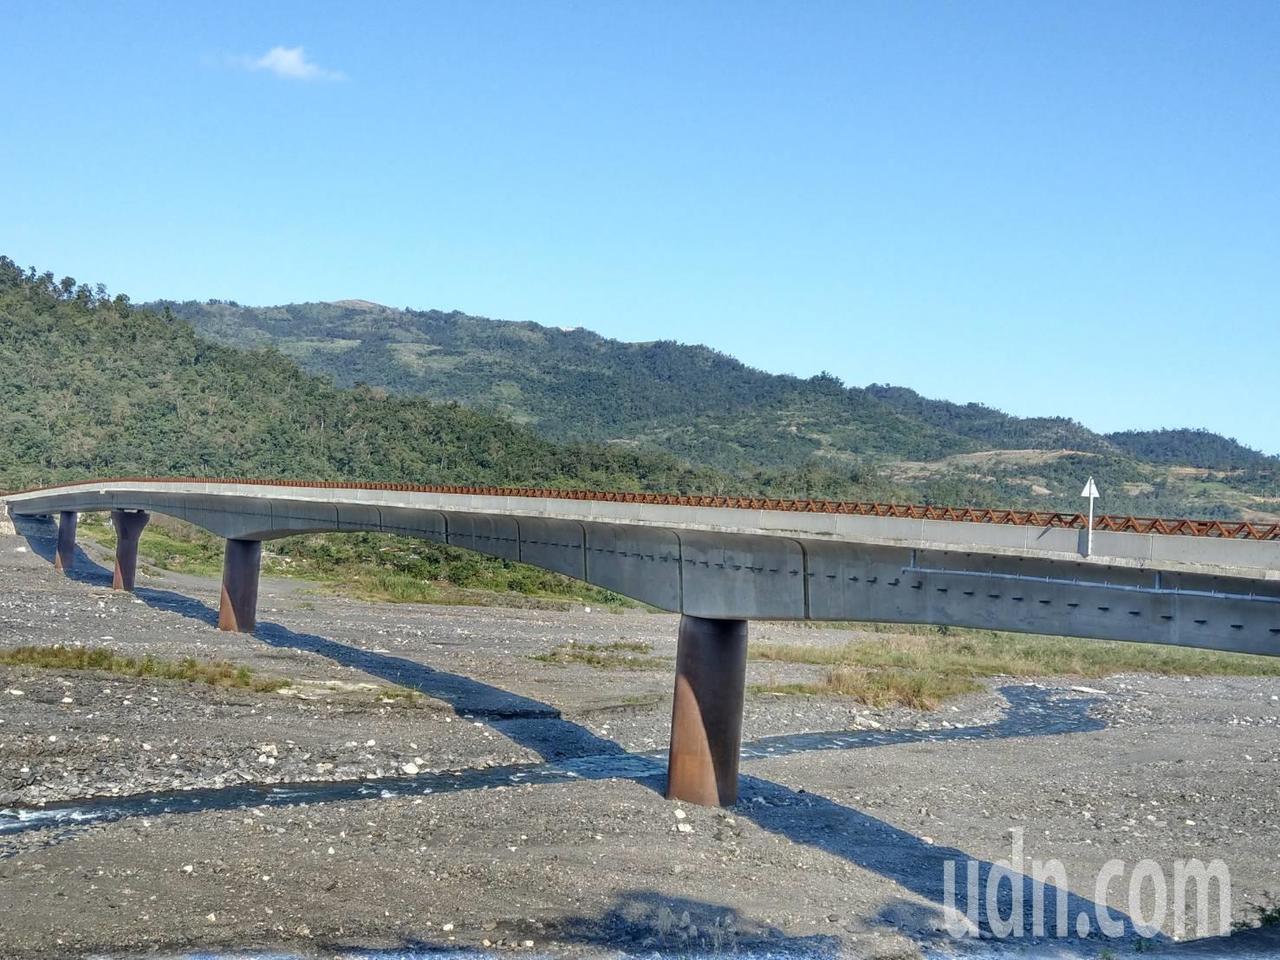 宜蘭縣政府說等到耐候鋼材質的欄杆氧化鏽蝕完成,未來在陽光照射下,欄杆會呈現金黃色...